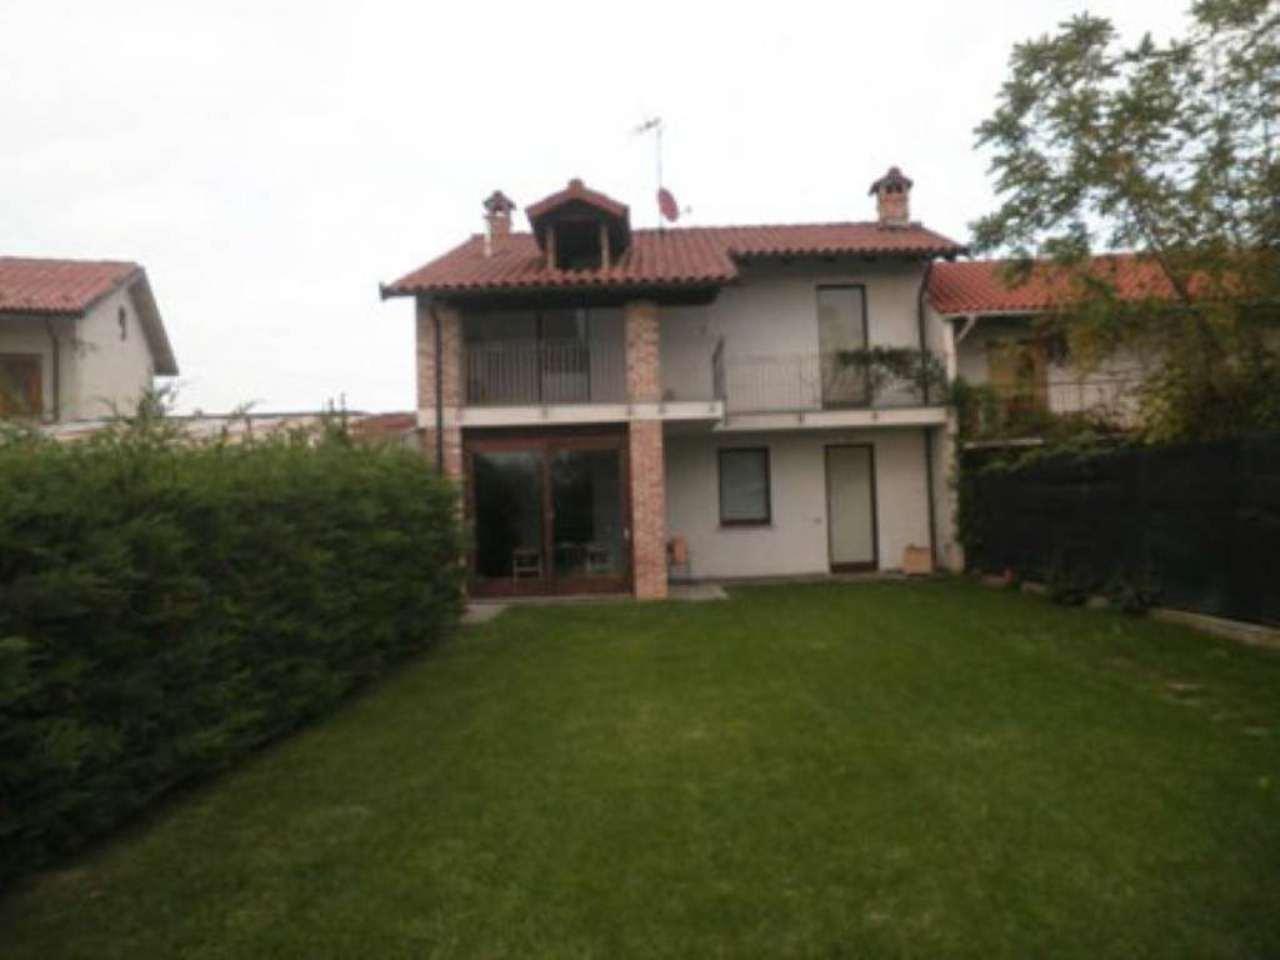 Soluzione Indipendente in vendita a Salmour, 4 locali, prezzo € 197.000 | Cambio Casa.it